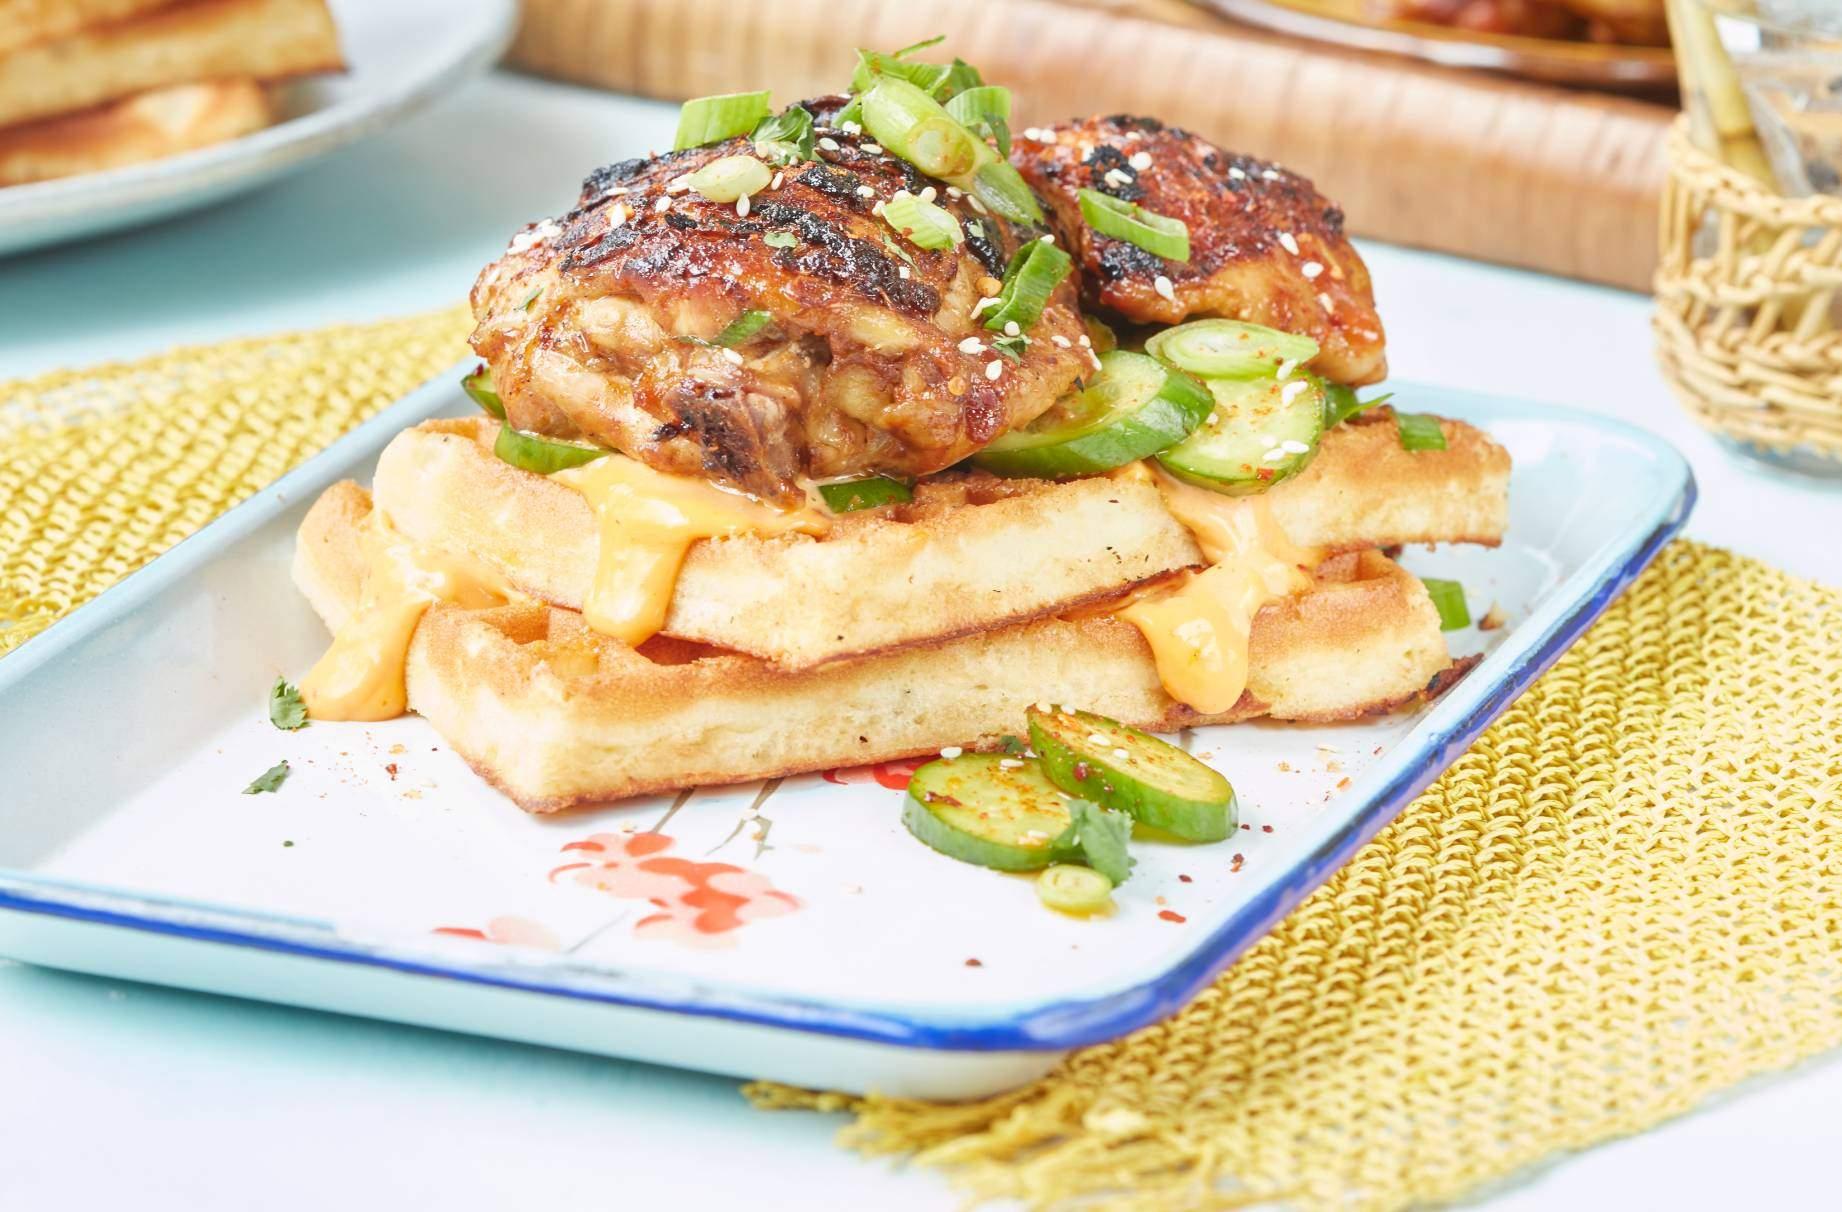 Barbacoa coreana de pollo y gofres Esta receta de pollo y gofres coreanos a la barbacoa lo transportará a las calles frescas de Corea del Sur con un toque de comida reconfortante estadounidense.